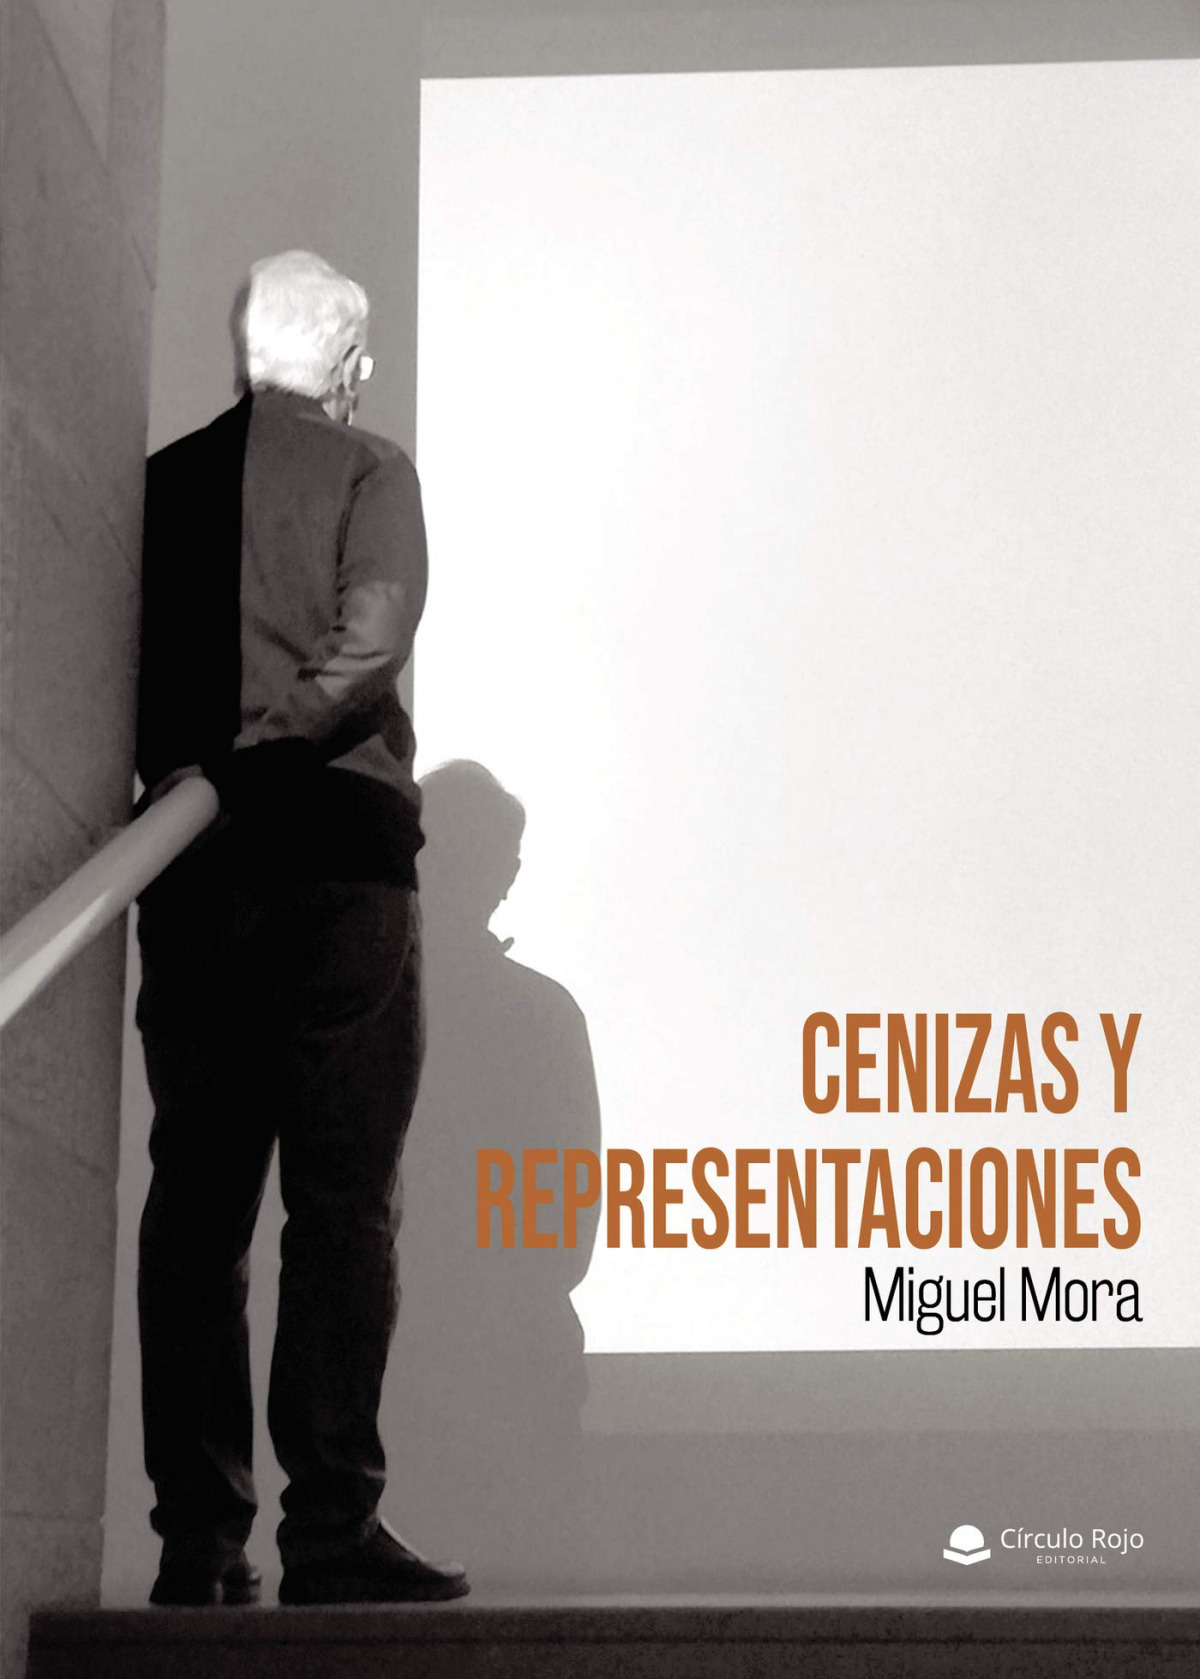 Cenizas y representaciones